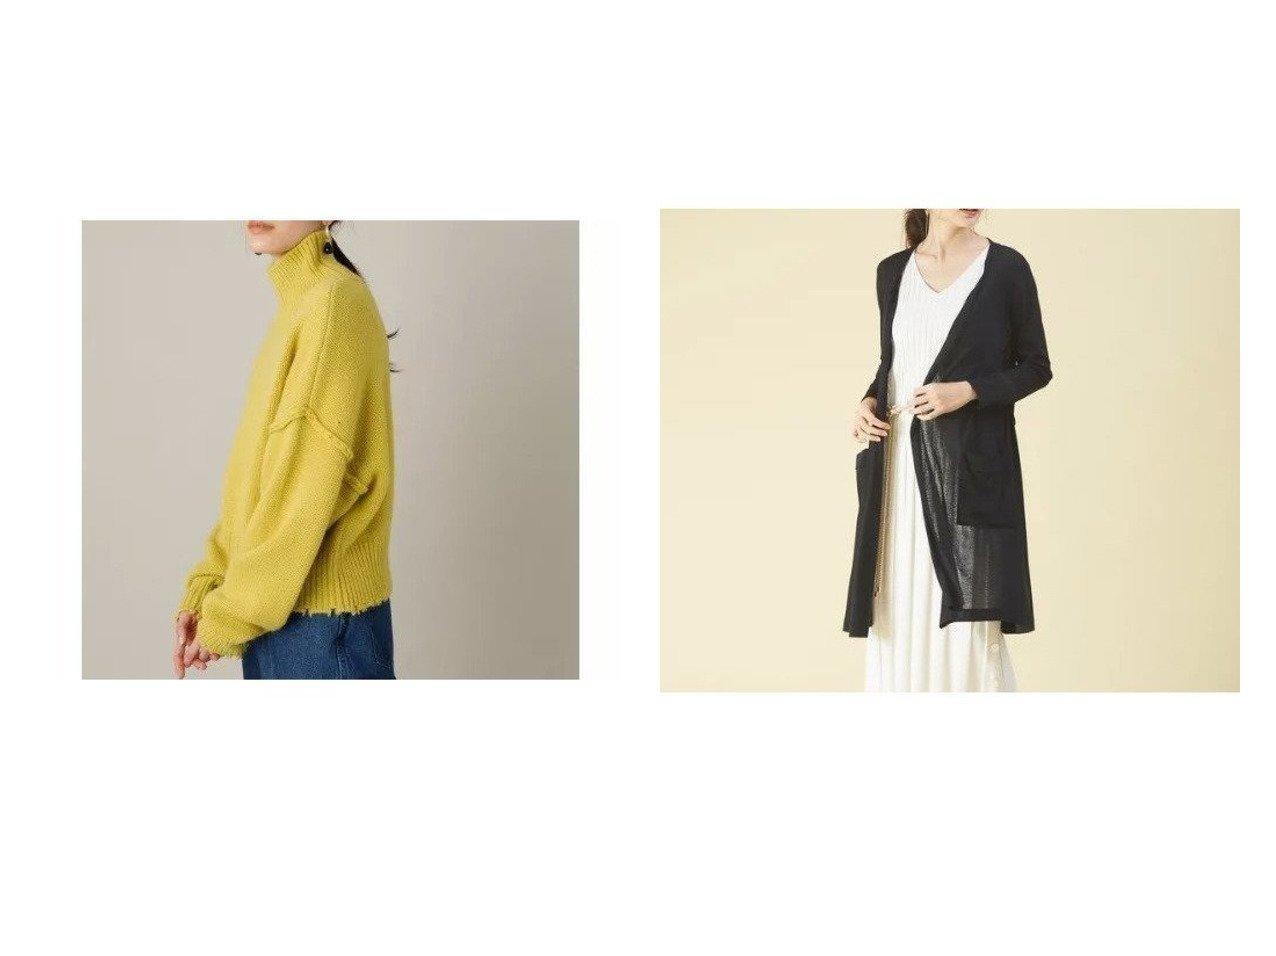 【qualite/カリテ】の【機能素材】ドライフライスロングカーディガン&【Adam et Rope/アダム エ ロペ】の【WEB限定】フリンジタートルショートプルオーバー トップス・カットソーのおすすめ!人気、レディースファッションの通販 おすすめで人気のファッション通販商品 インテリア・家具・キッズファッション・メンズファッション・レディースファッション・服の通販 founy(ファニー) https://founy.com/ ファッション Fashion レディース WOMEN トップス Tops Tshirt ニット Knit Tops プルオーバー Pullover タートルネック Turtleneck カーディガン Cardigans シャツ/ブラウス Shirts Blouses ロング / Tシャツ T-Shirts カットソー Cut and Sewn インナー カットソー 今季 ショート シンプル スラックス センター セーター タートル タートルネック ダメージ デニム 人気 フリンジ ポケット ワイド カーディガン ガウン フェミニン フレア |ID:crp329100000005441